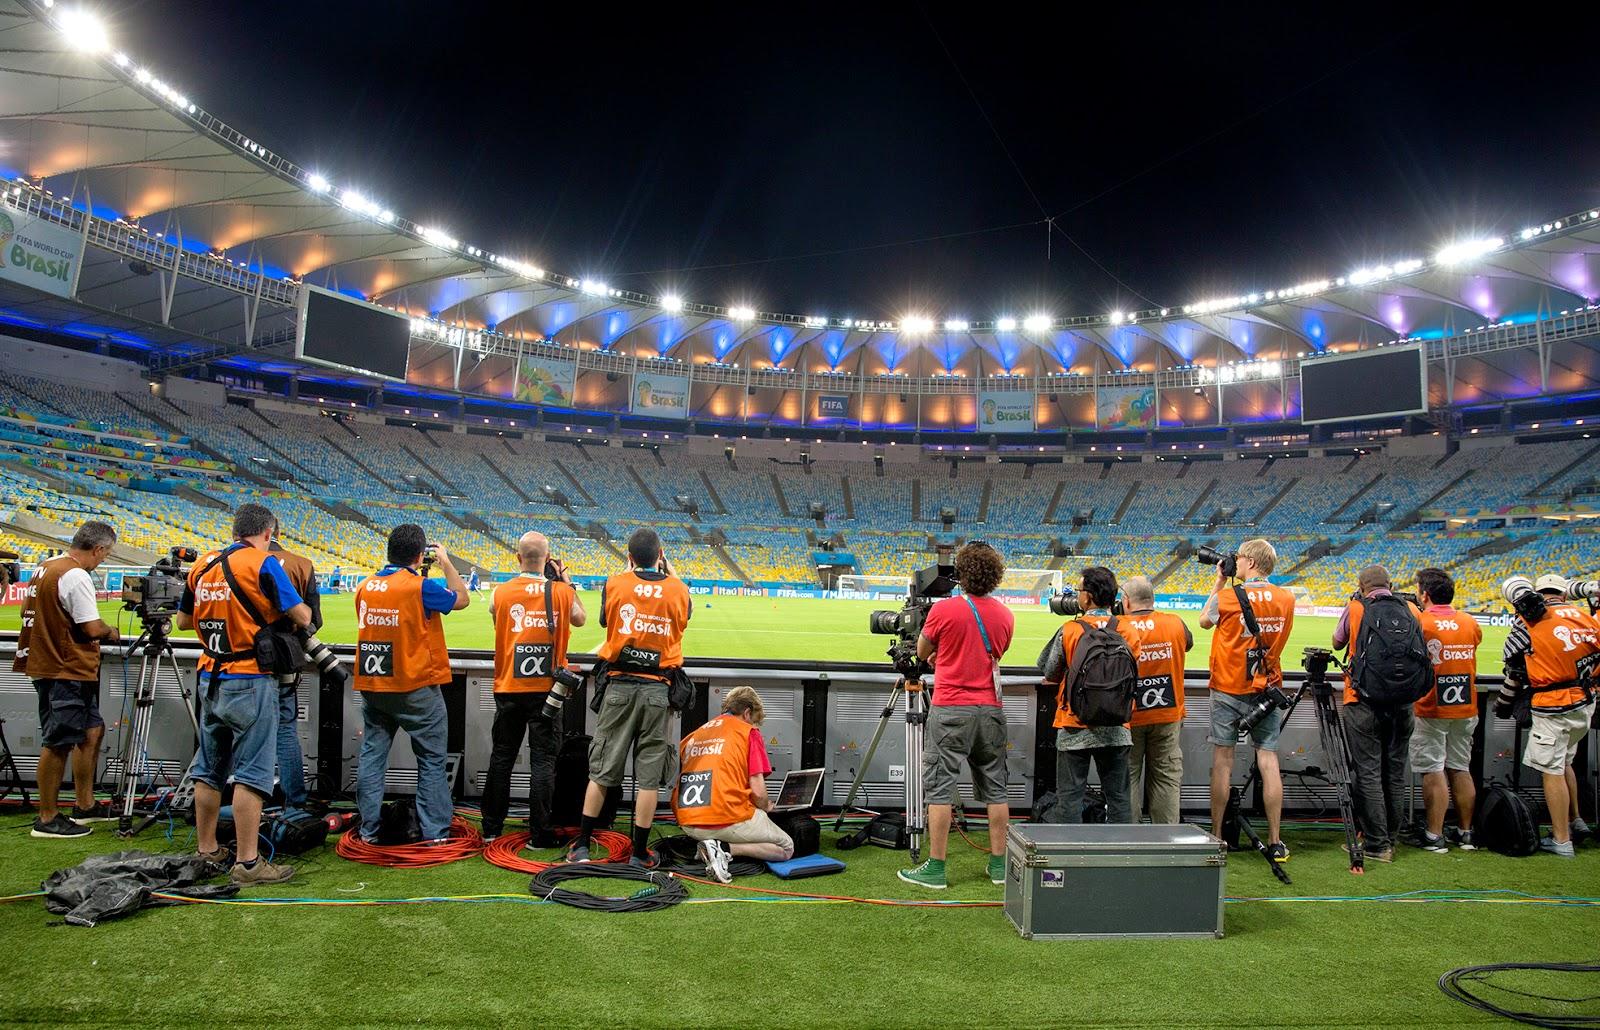 Har ar brasiliens svar pa vuvuzelan